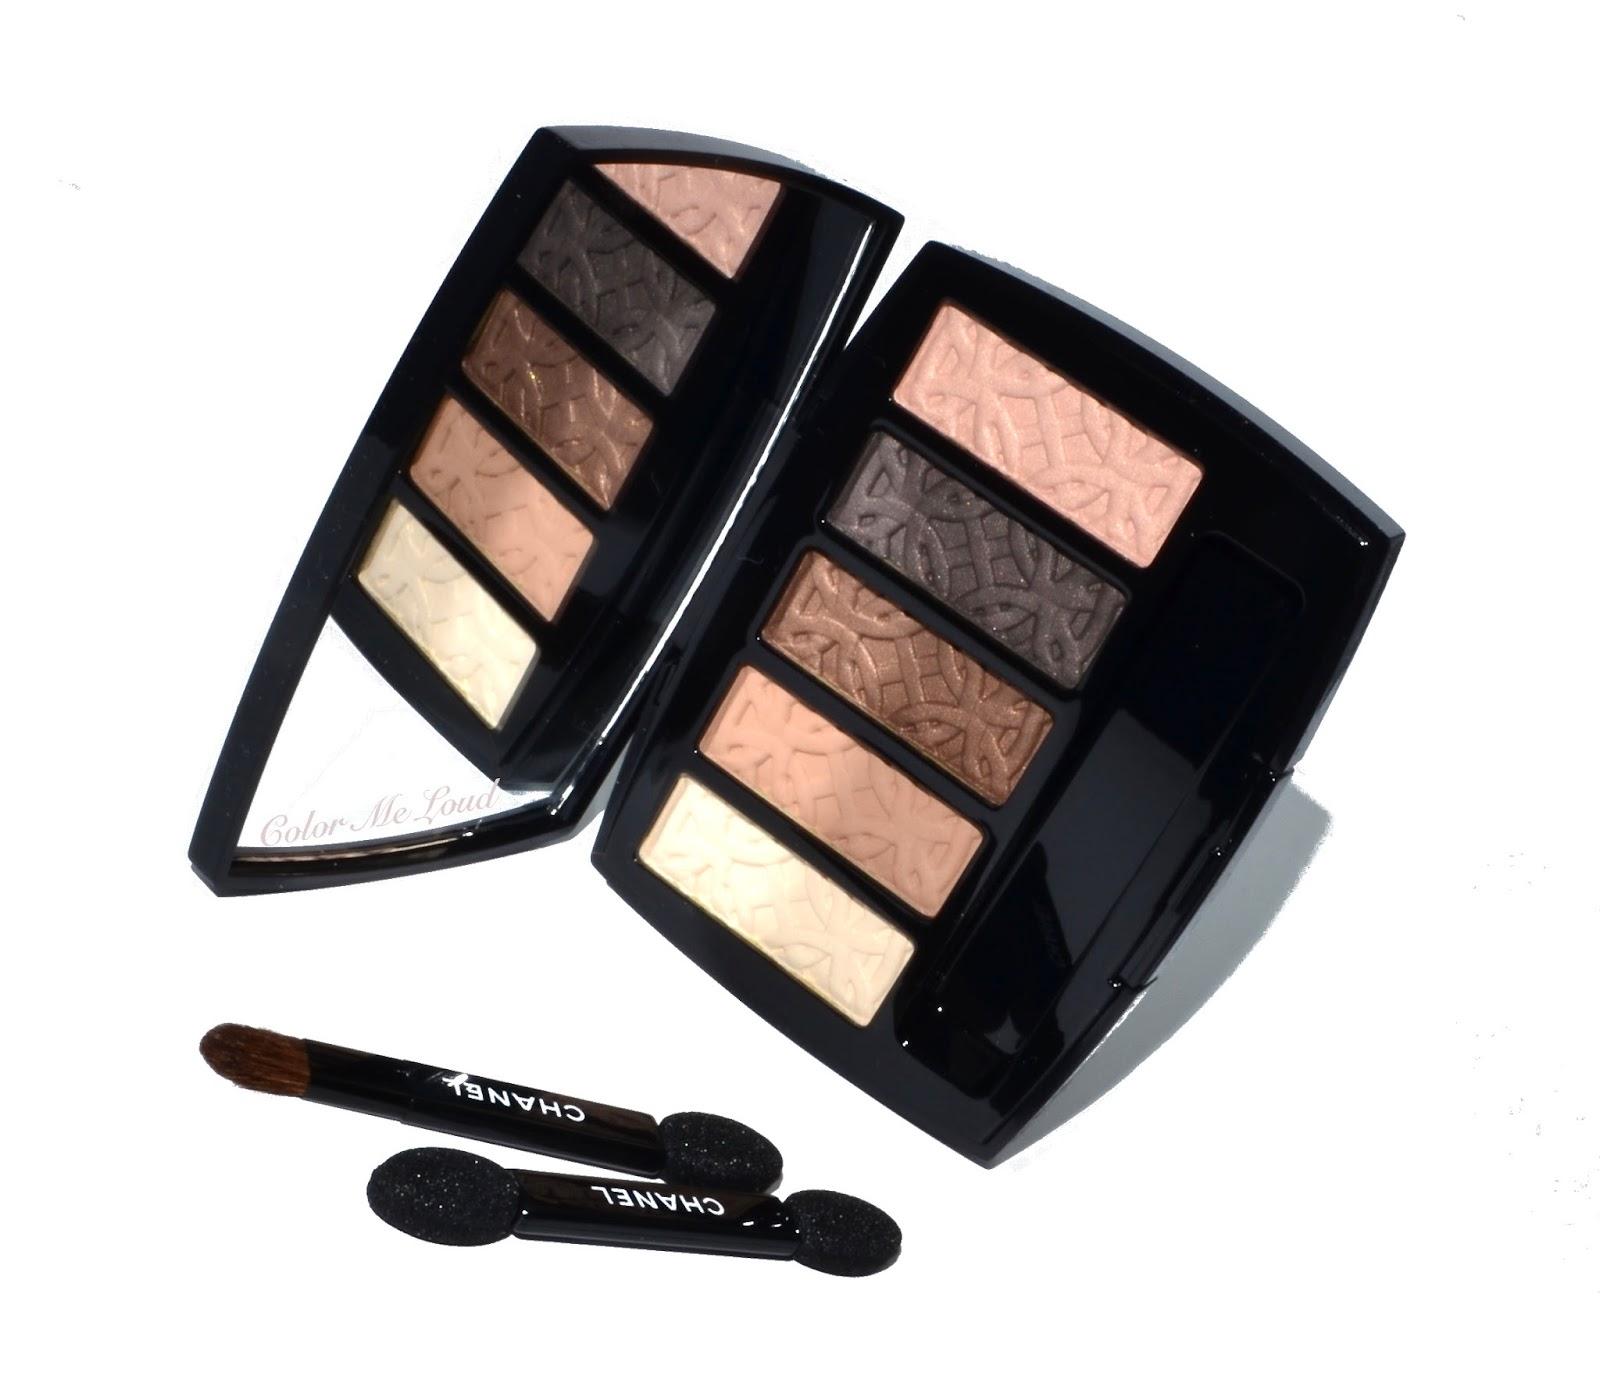 e1d7ca86449 Chanel Eyeshadow Palette in Entrelacs   Chanel Joues Contraste ...